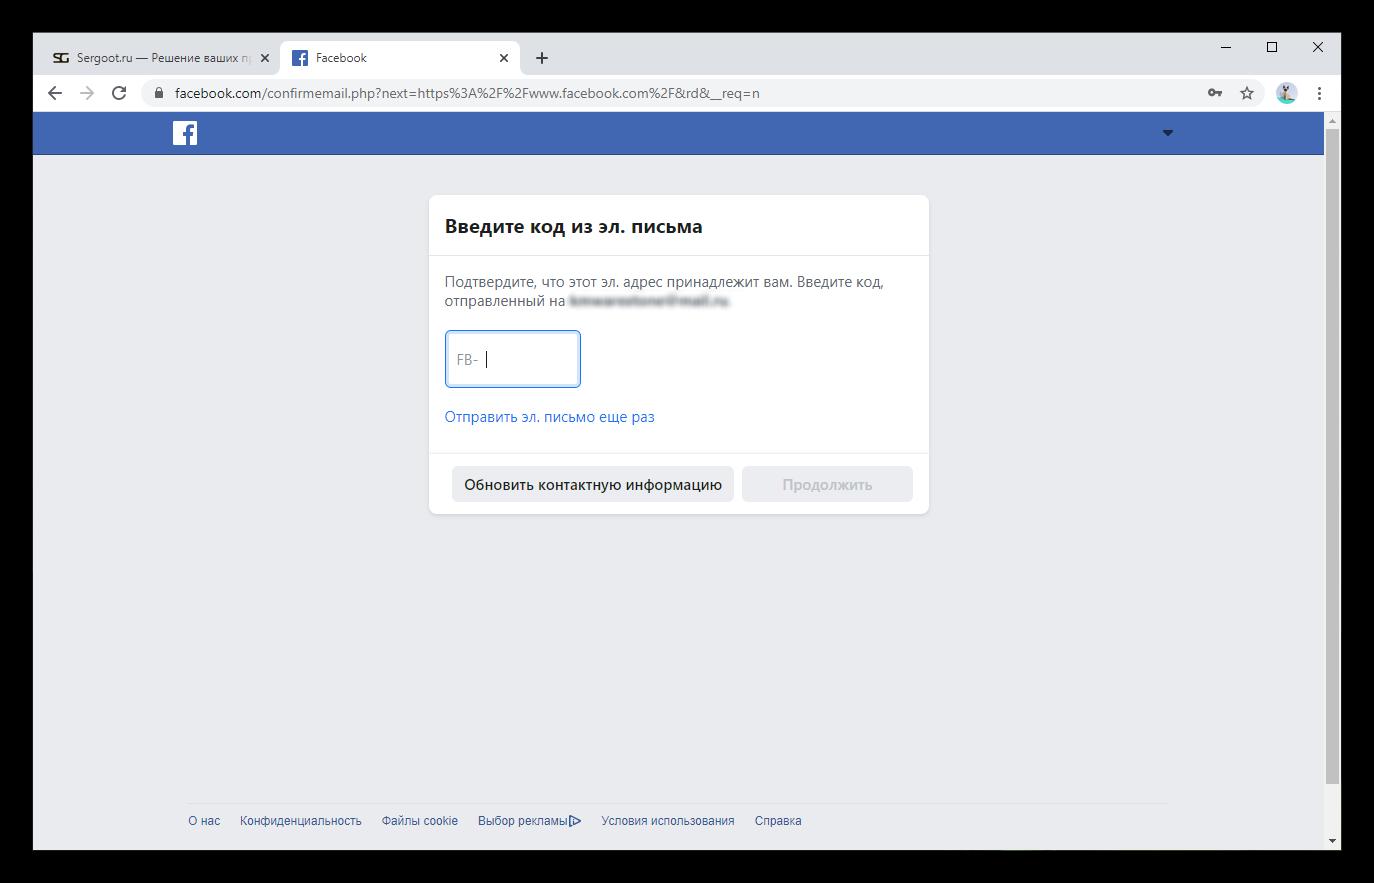 Просьба проверочного кода при регистрации на сайте Facebook